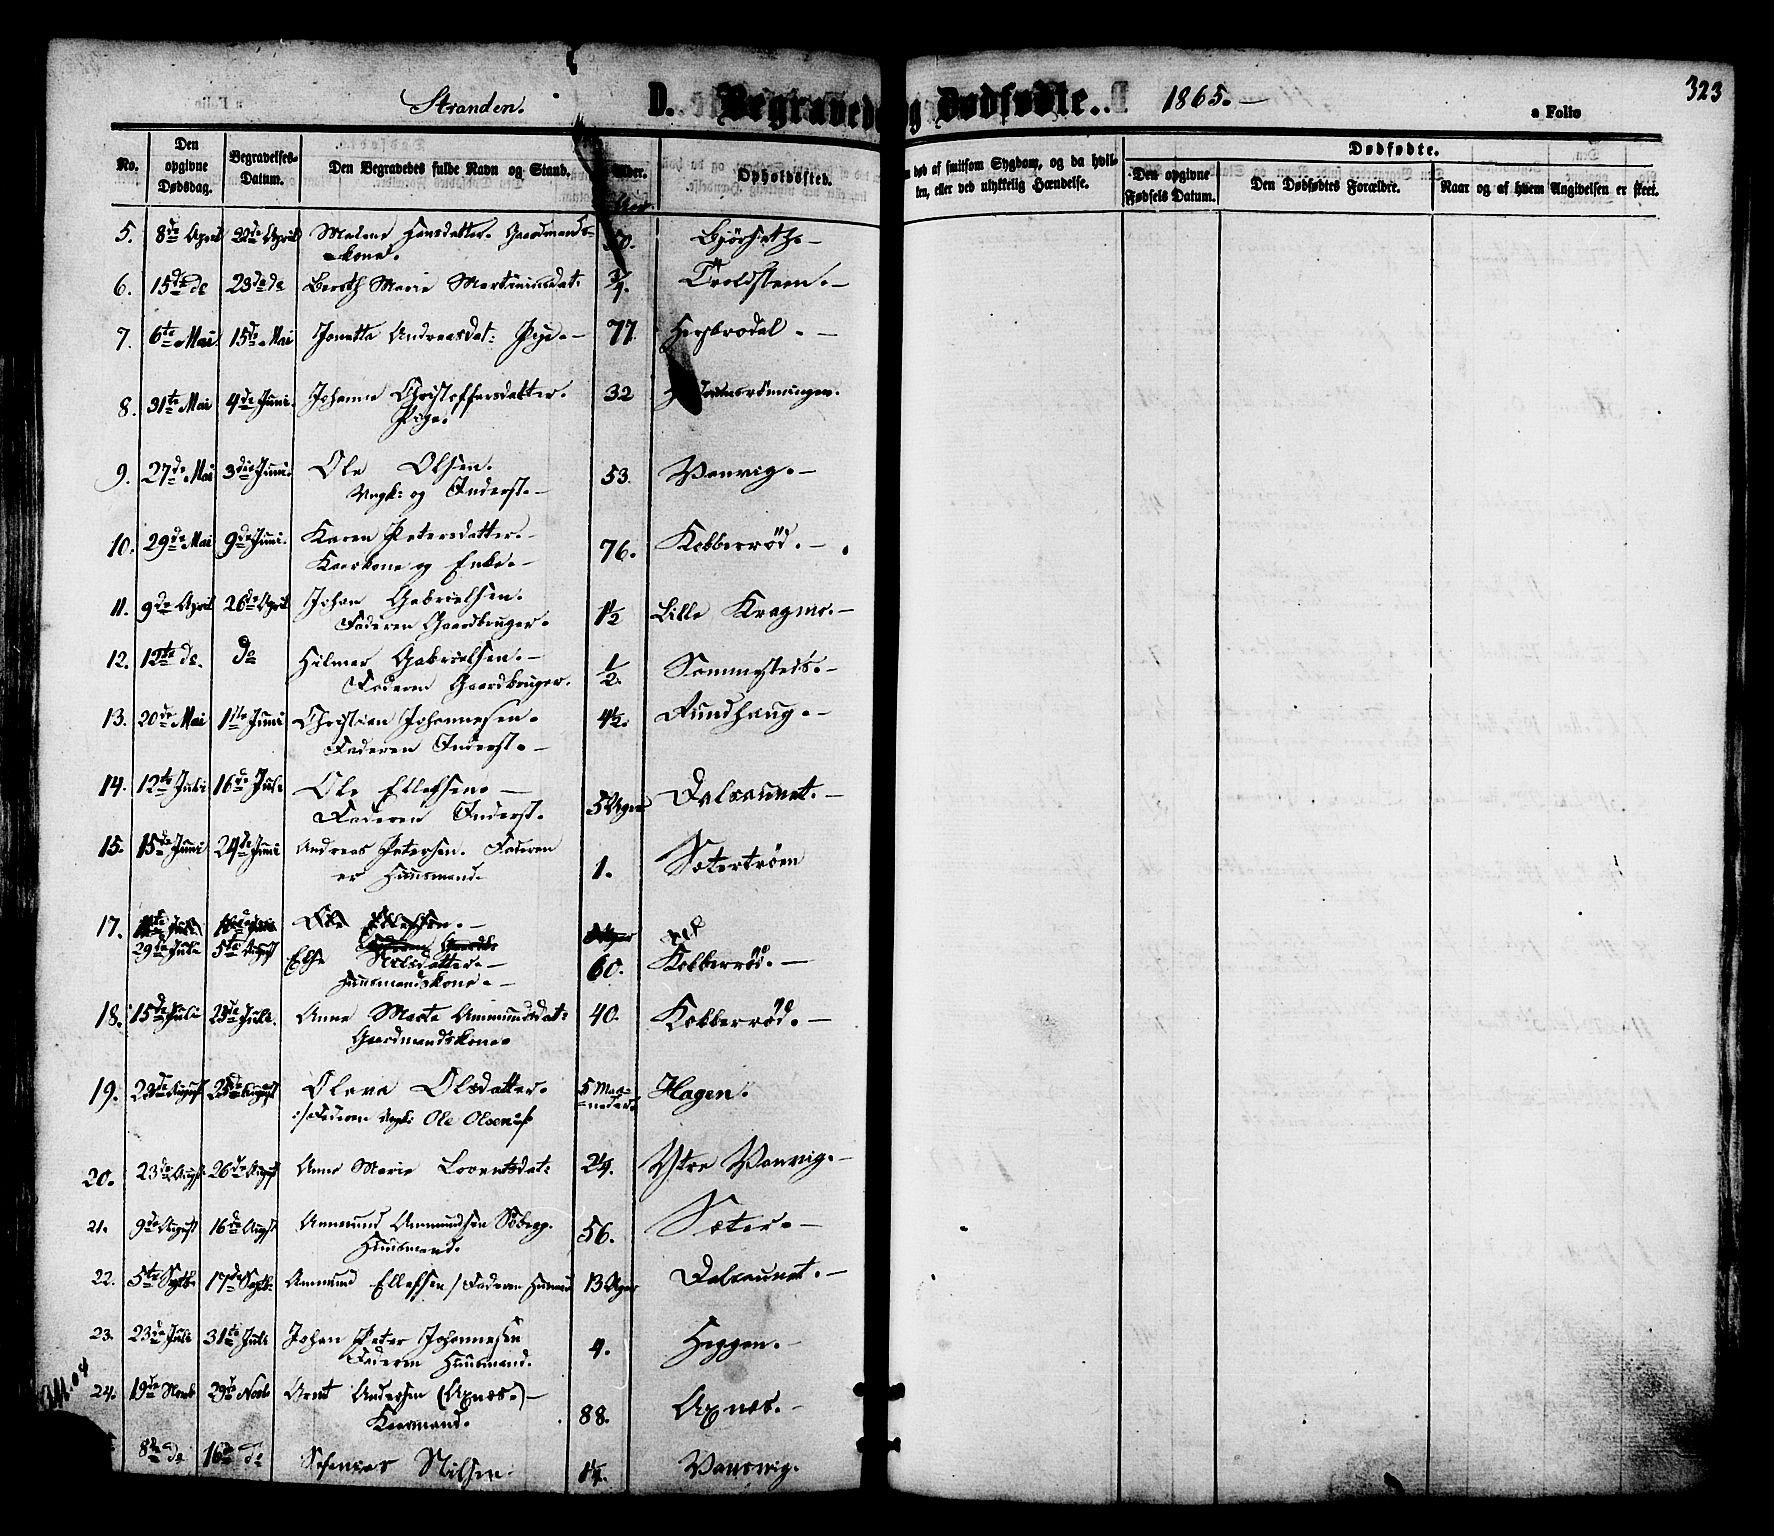 SAT, Ministerialprotokoller, klokkerbøker og fødselsregistre - Nord-Trøndelag, 701/L0009: Ministerialbok nr. 701A09 /2, 1864-1882, s. 323